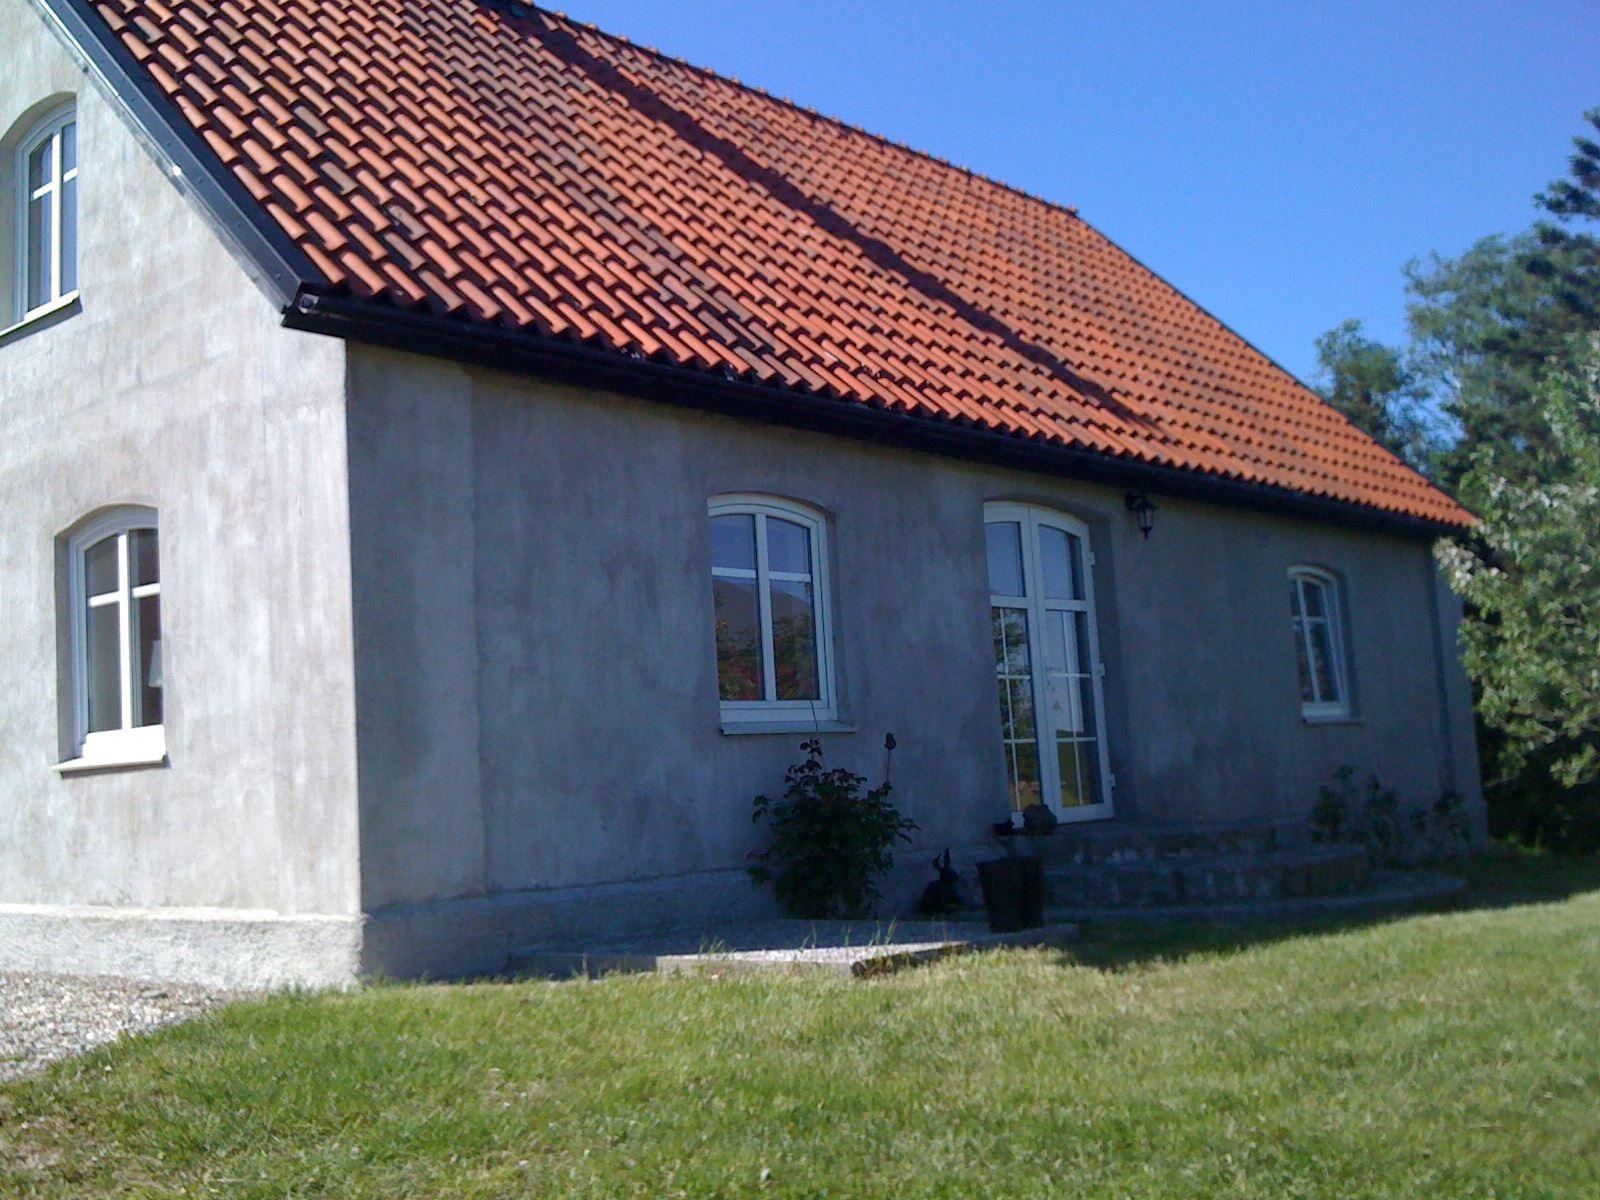 Hus i Anderslöv på Sydkusten